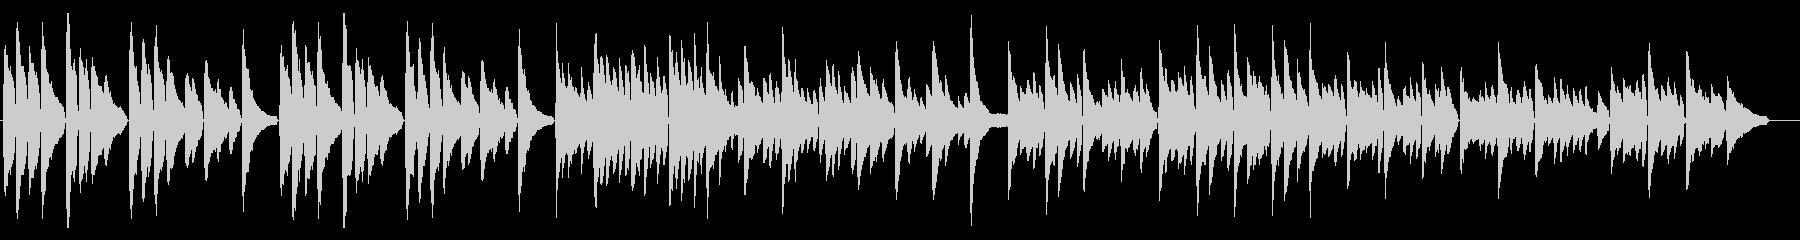 落ち着いた感動系ピアノソロの未再生の波形